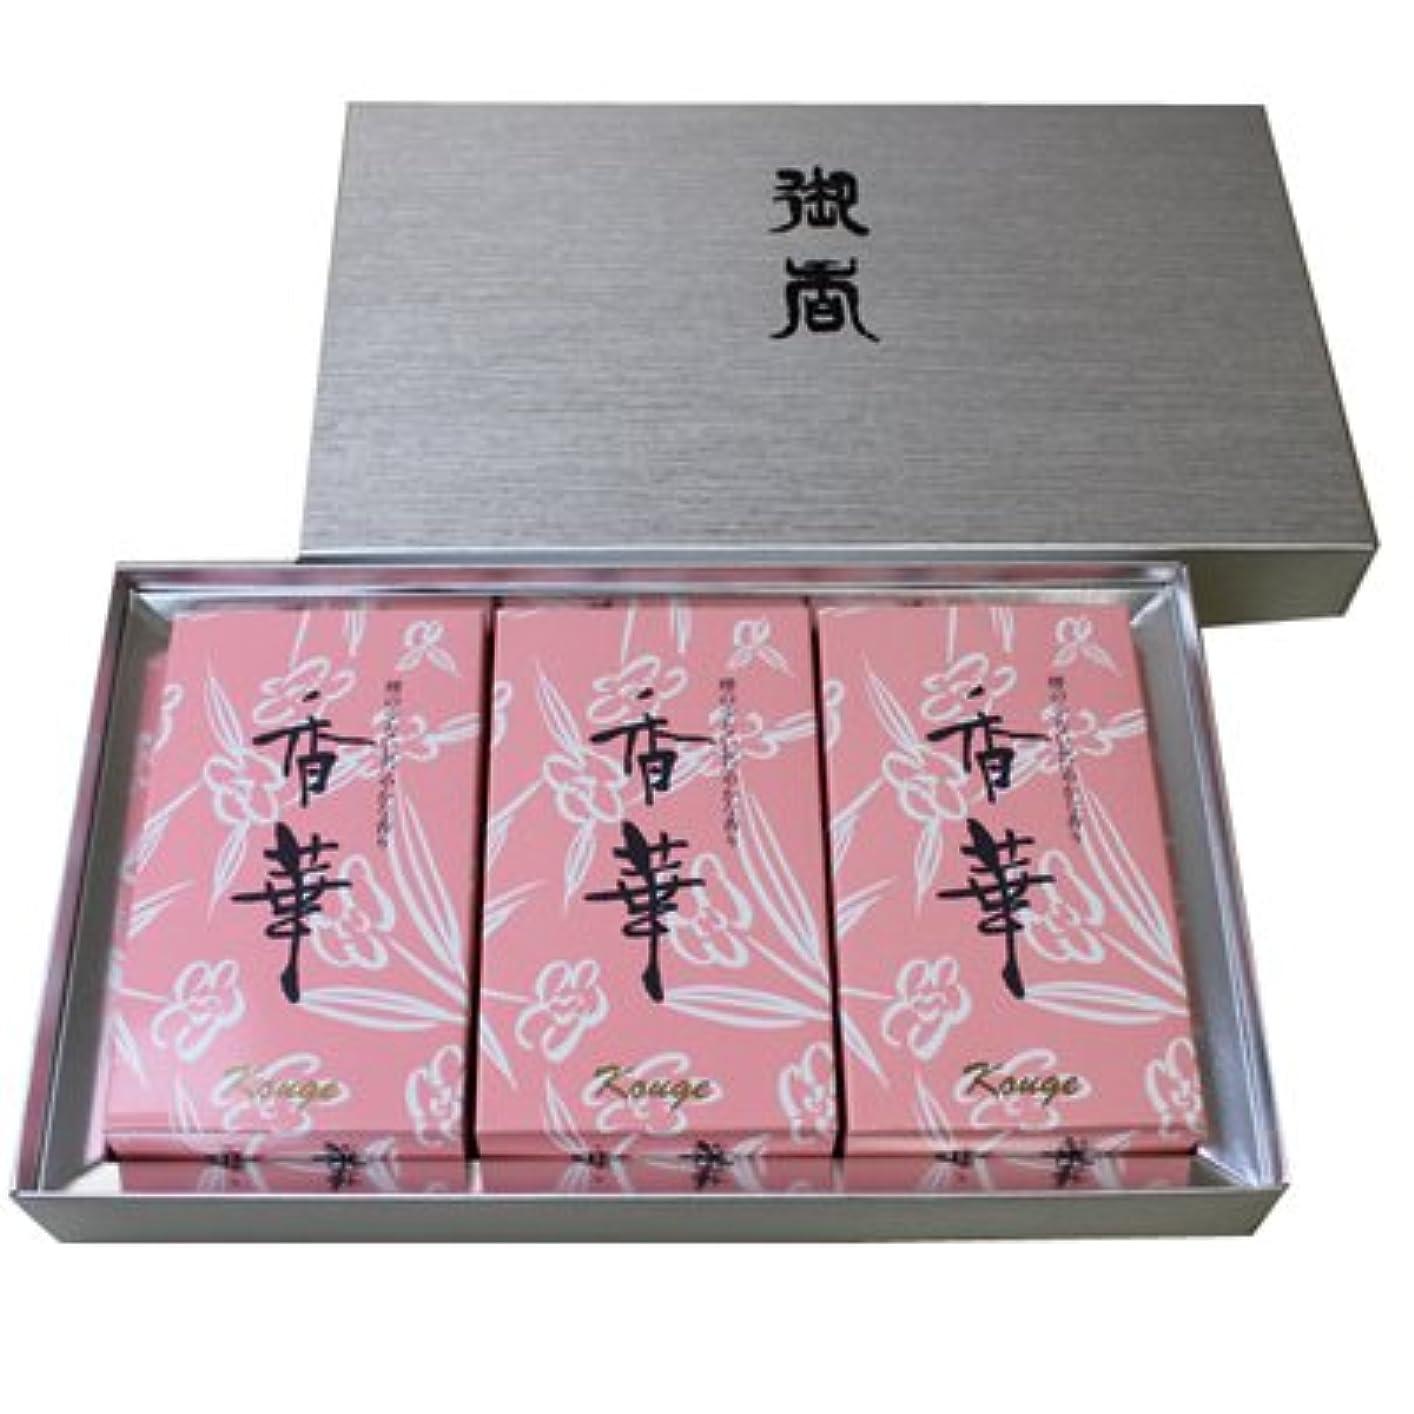 パレードイソギンチャク違法少煙香華詰合せ 贈り物用 贈答用 ギフト用 お線香